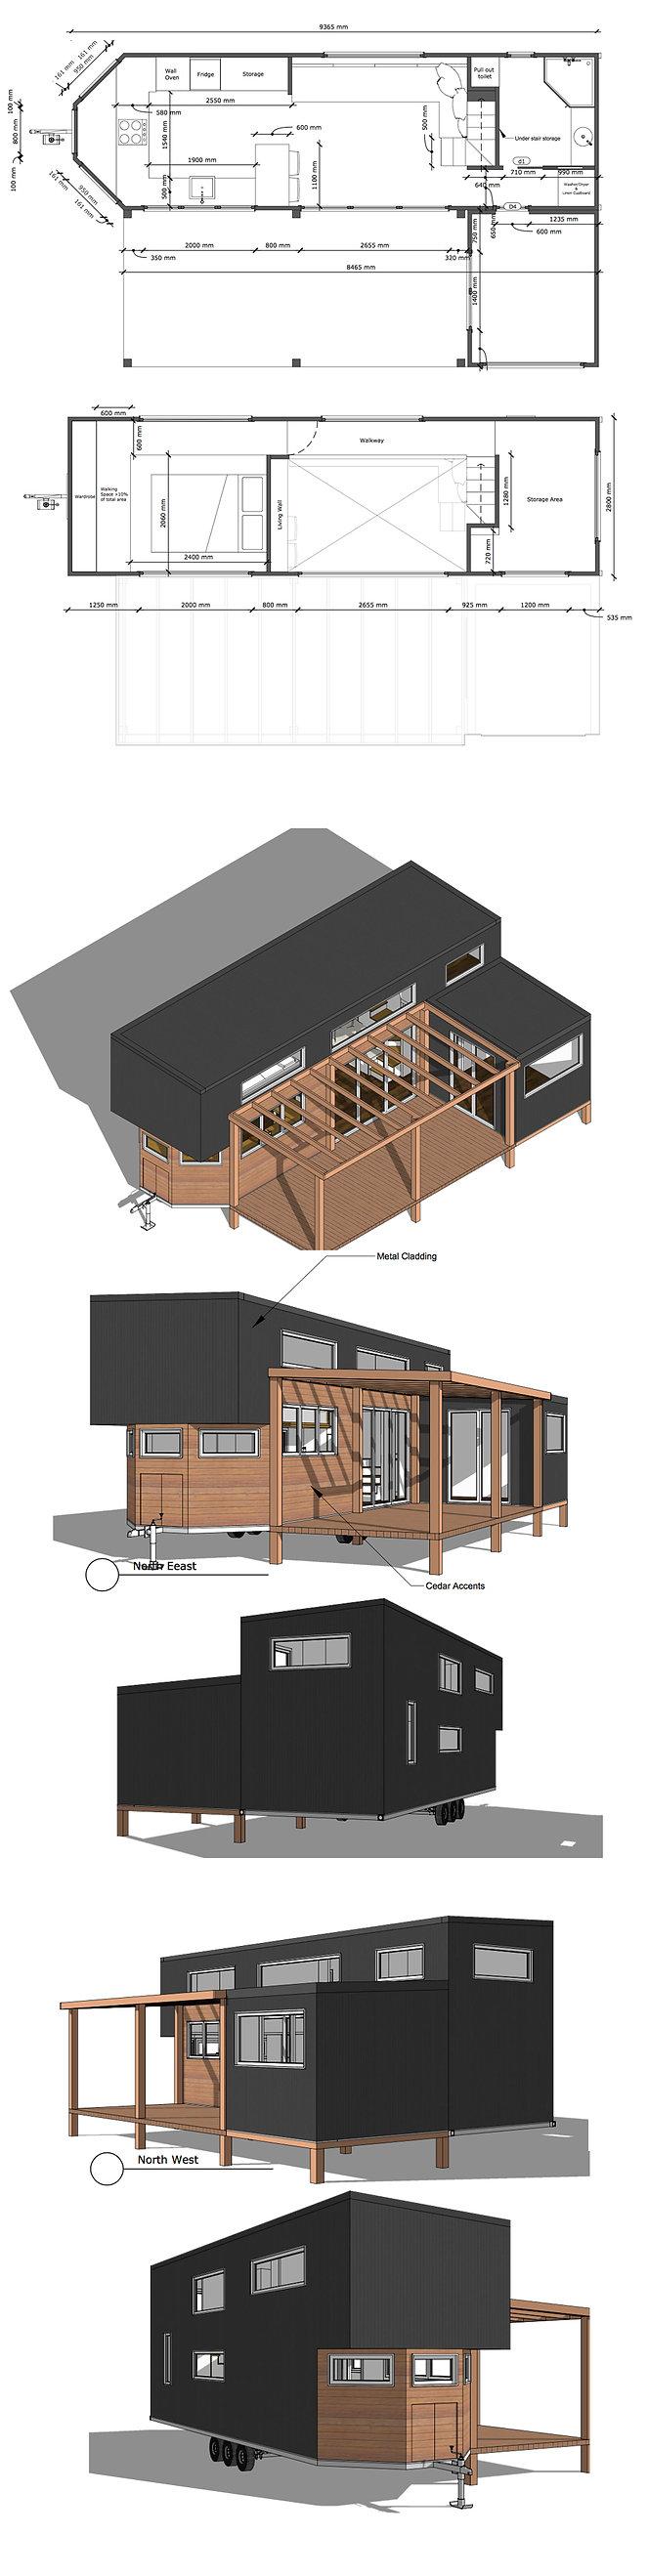 hazel-porch-page-plan.jpg